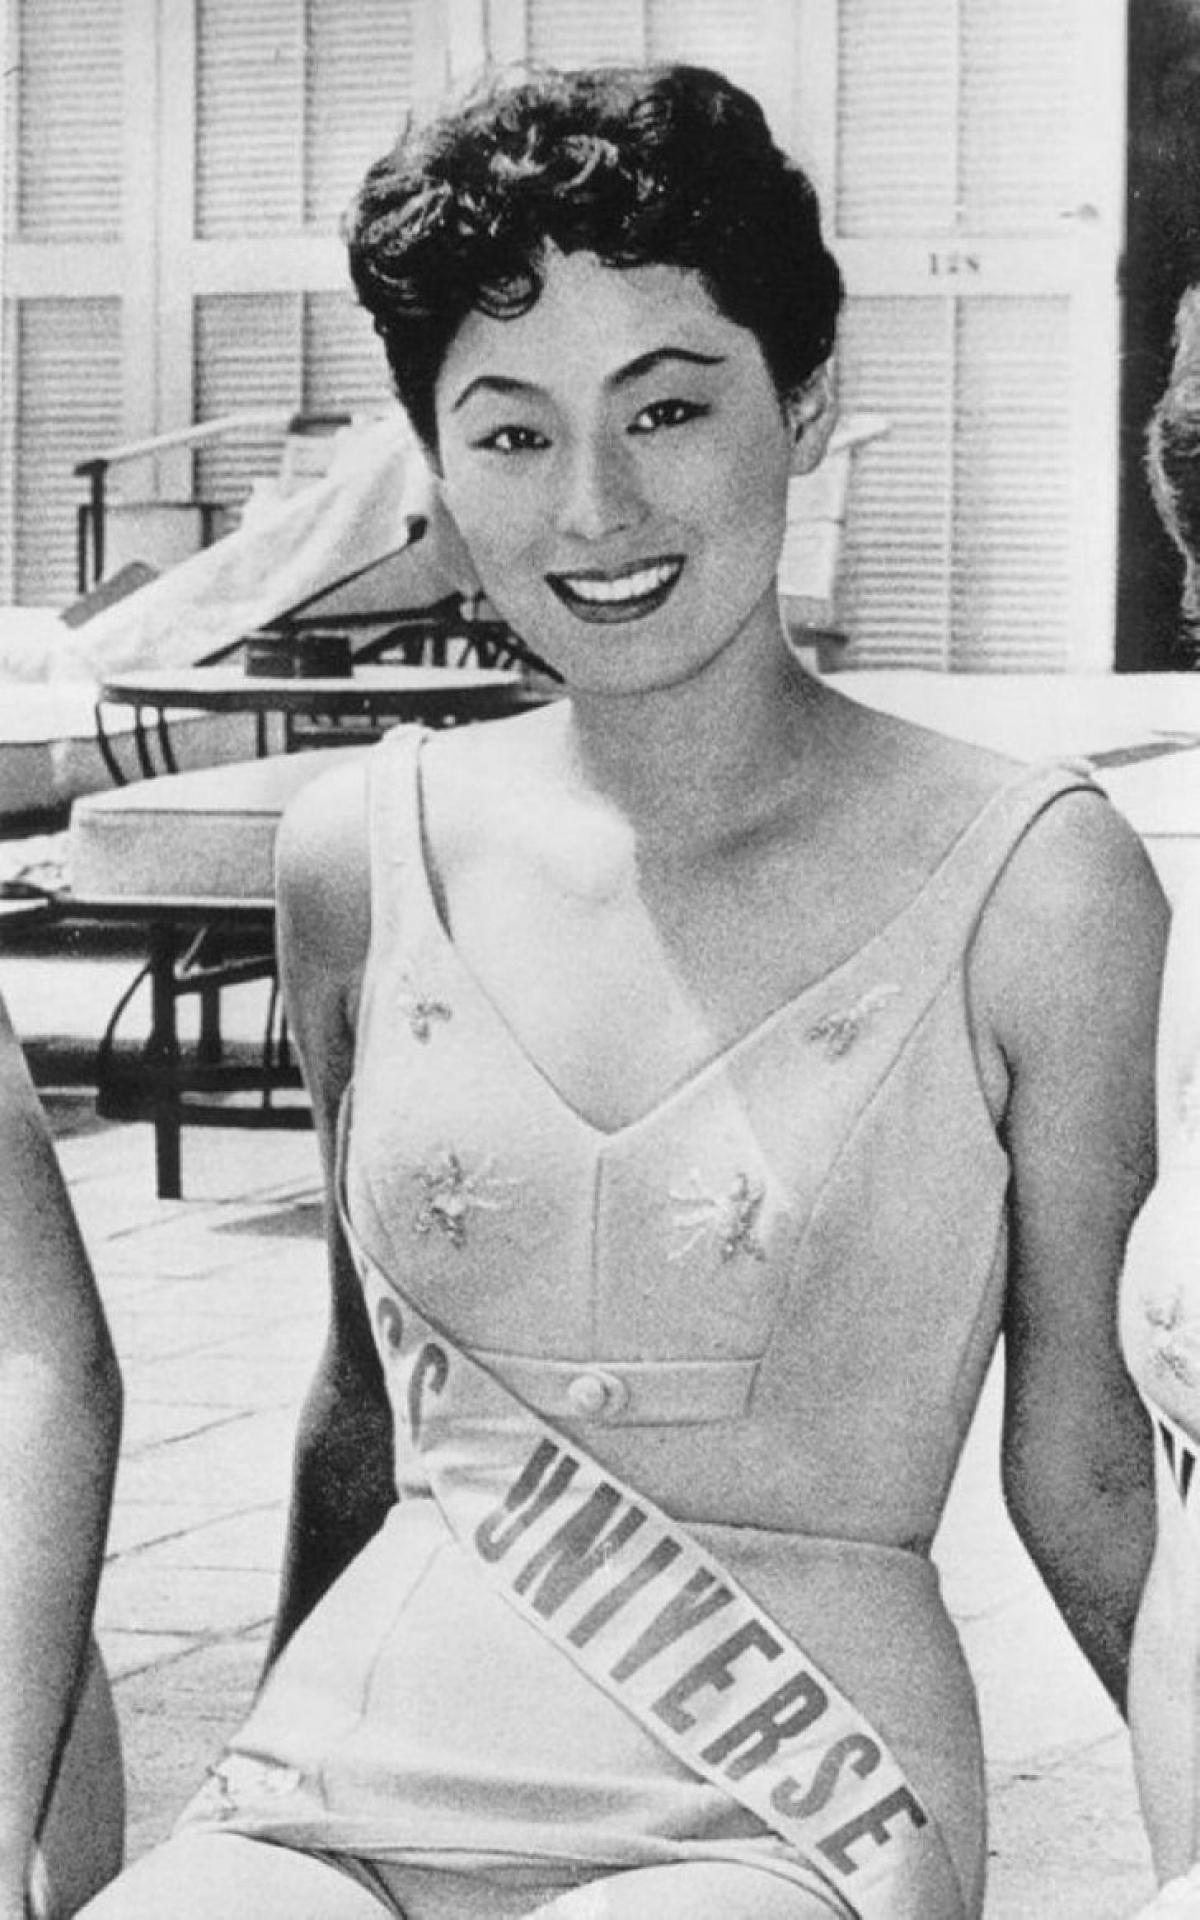 Akiko Kojima là người mang về chiếc vương miện cho Nhật Bản vào năm 1959 và cũng chính là người Châu Á đầu tiên chiến thắng tại đấu trường nhan sắc danh giá nhất nhì hành tinh này.